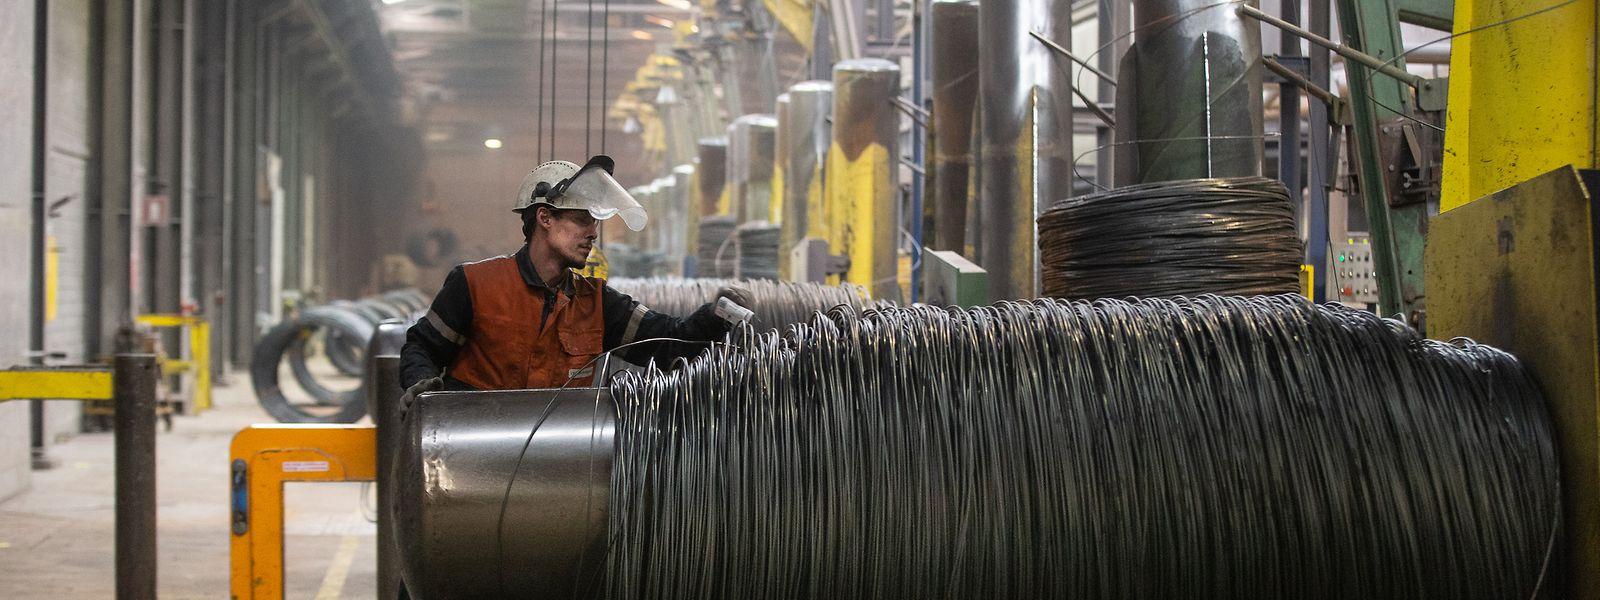 Die ersten drei Monate des laufenden Jahres liefen gut für den Stahlkonzern: Die Nachfrage ist rapide angestiegen.